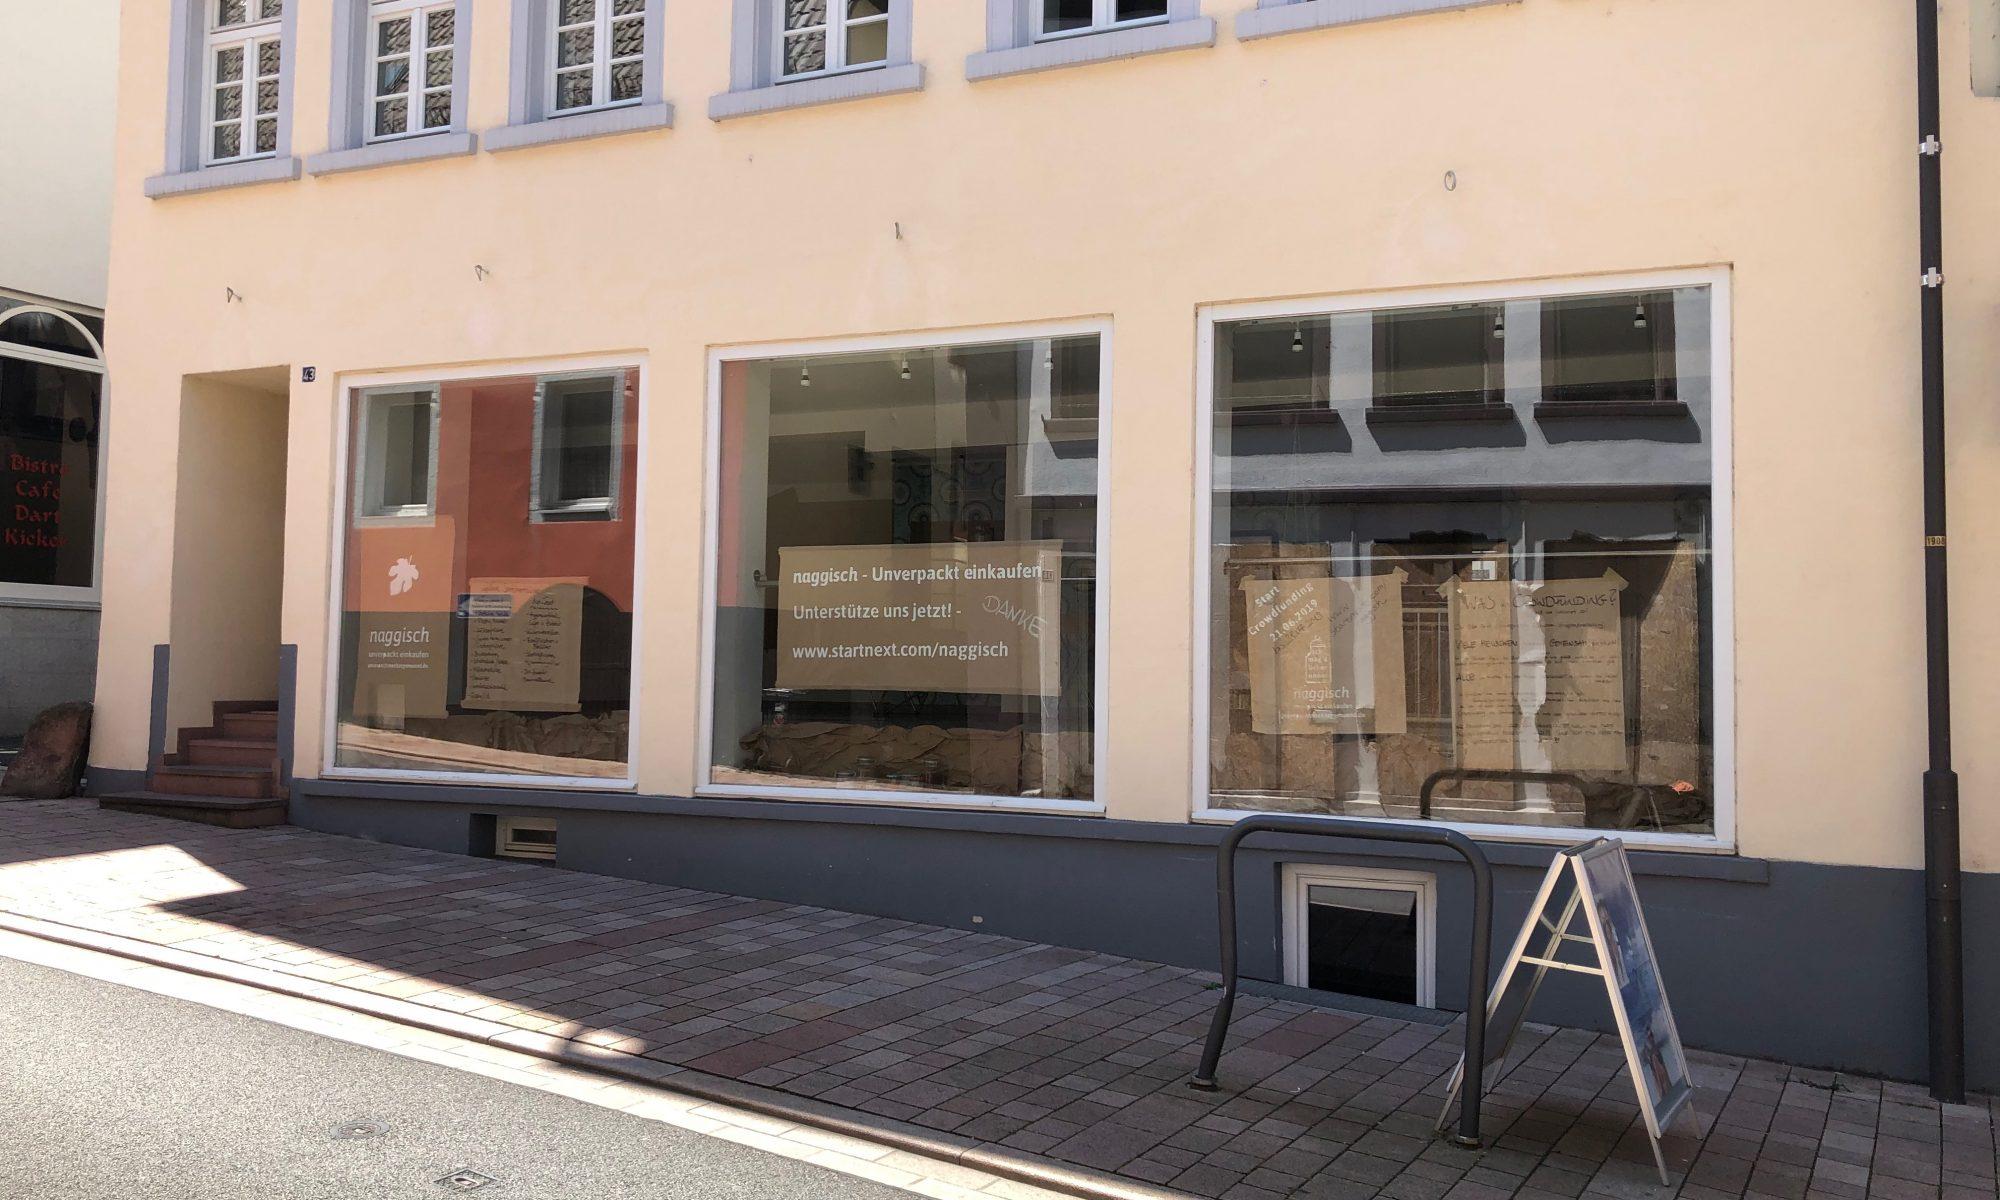 Ladenfront von Naggisch - unverpackt einkaufen in Neckargemünd.